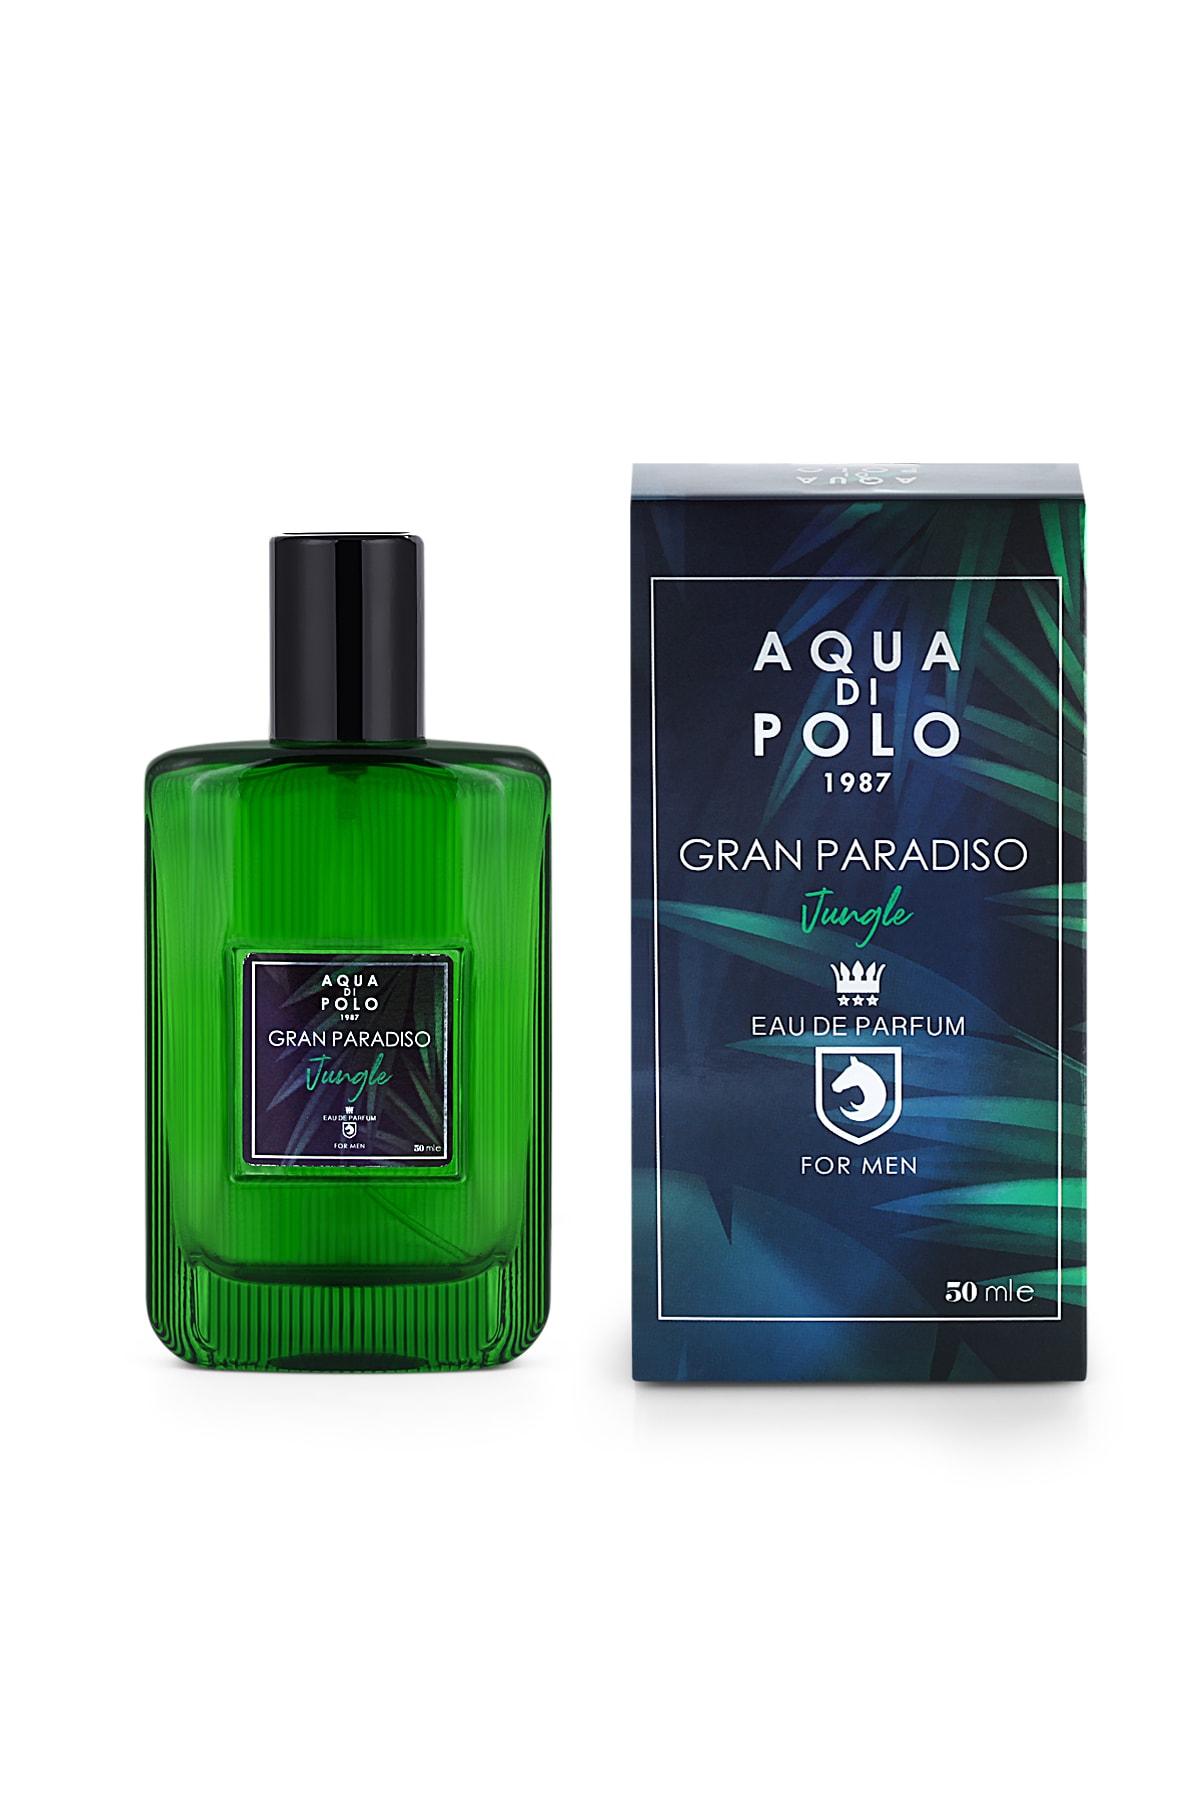 Aqua Di Polo 1987 Gran Paradiso Jungle Edp 50 ml Erkek Parfümü 8682367012784 1